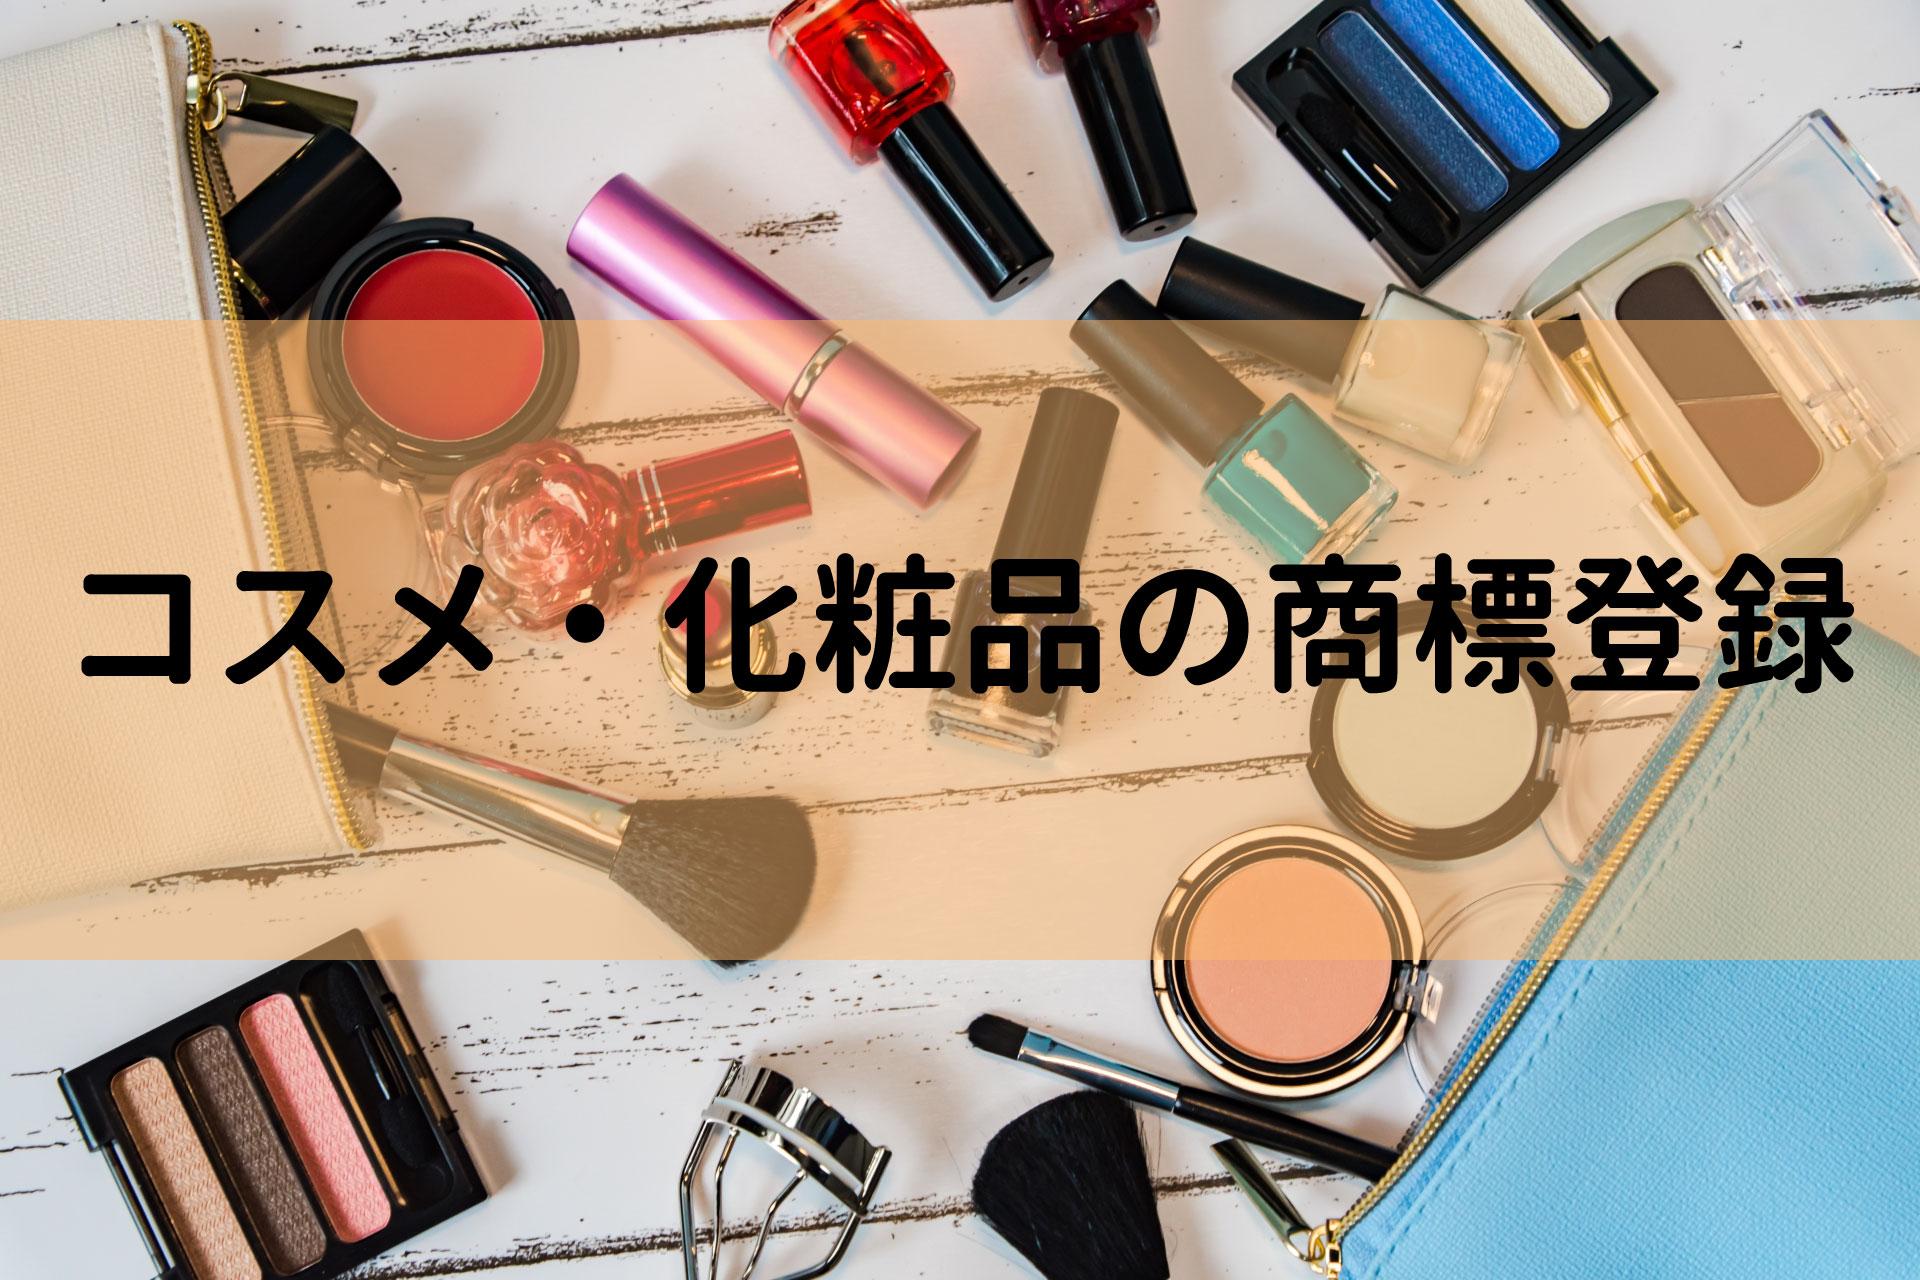 コスメ・化粧品の商標登録